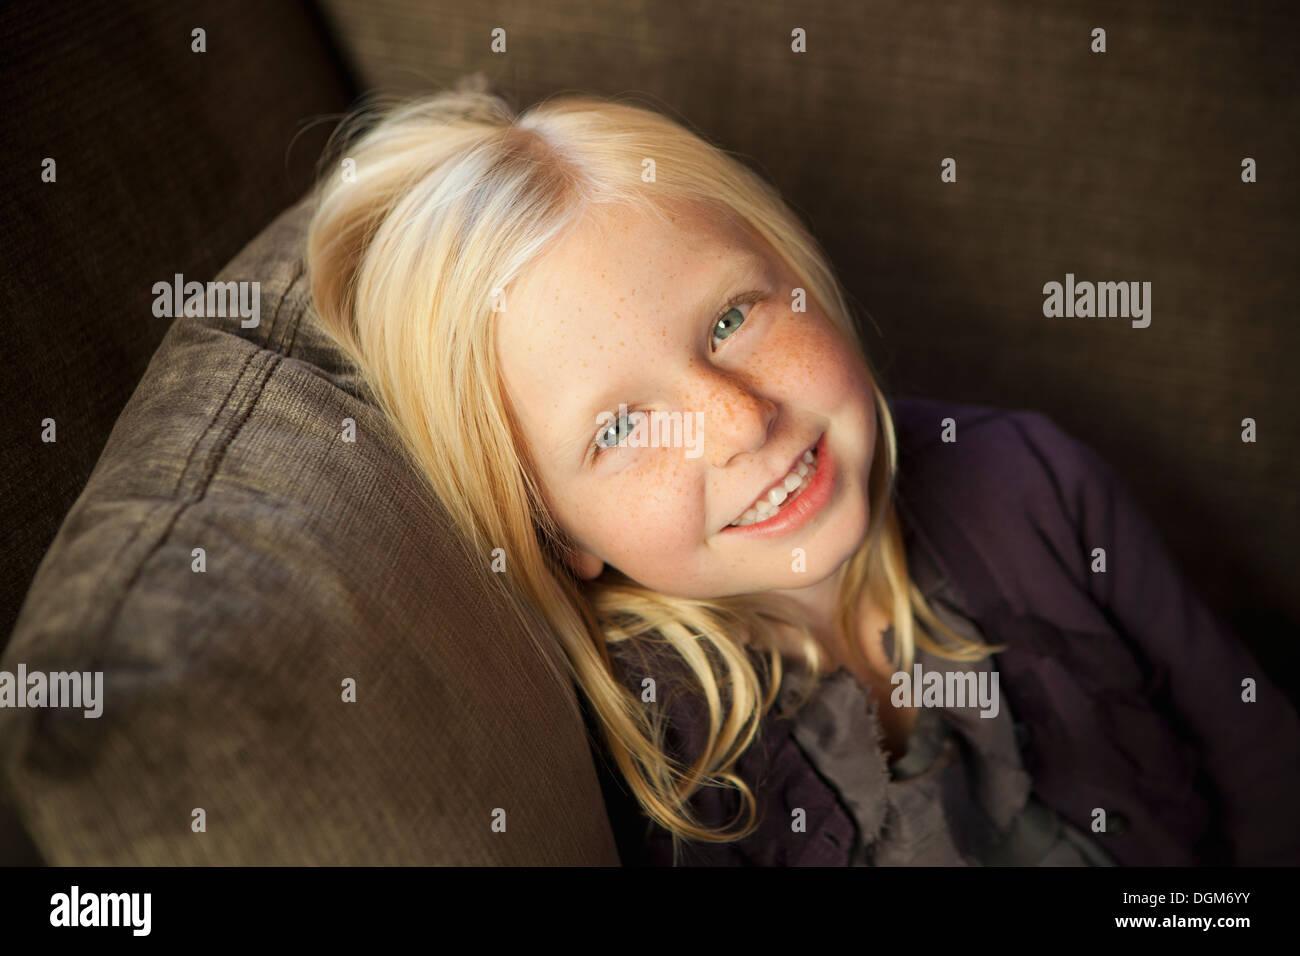 Une jeune fille assise sur un sofa, souriant à la caméra. Banque D'Images